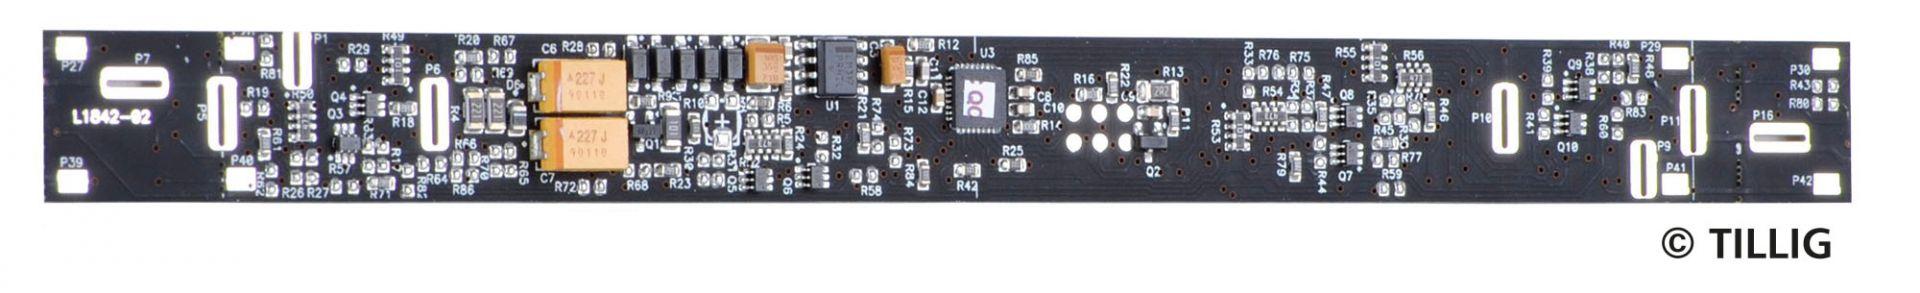 TT LED-Innenbeleuchtung analog / digital Bausatz für Reisezugwagen E5